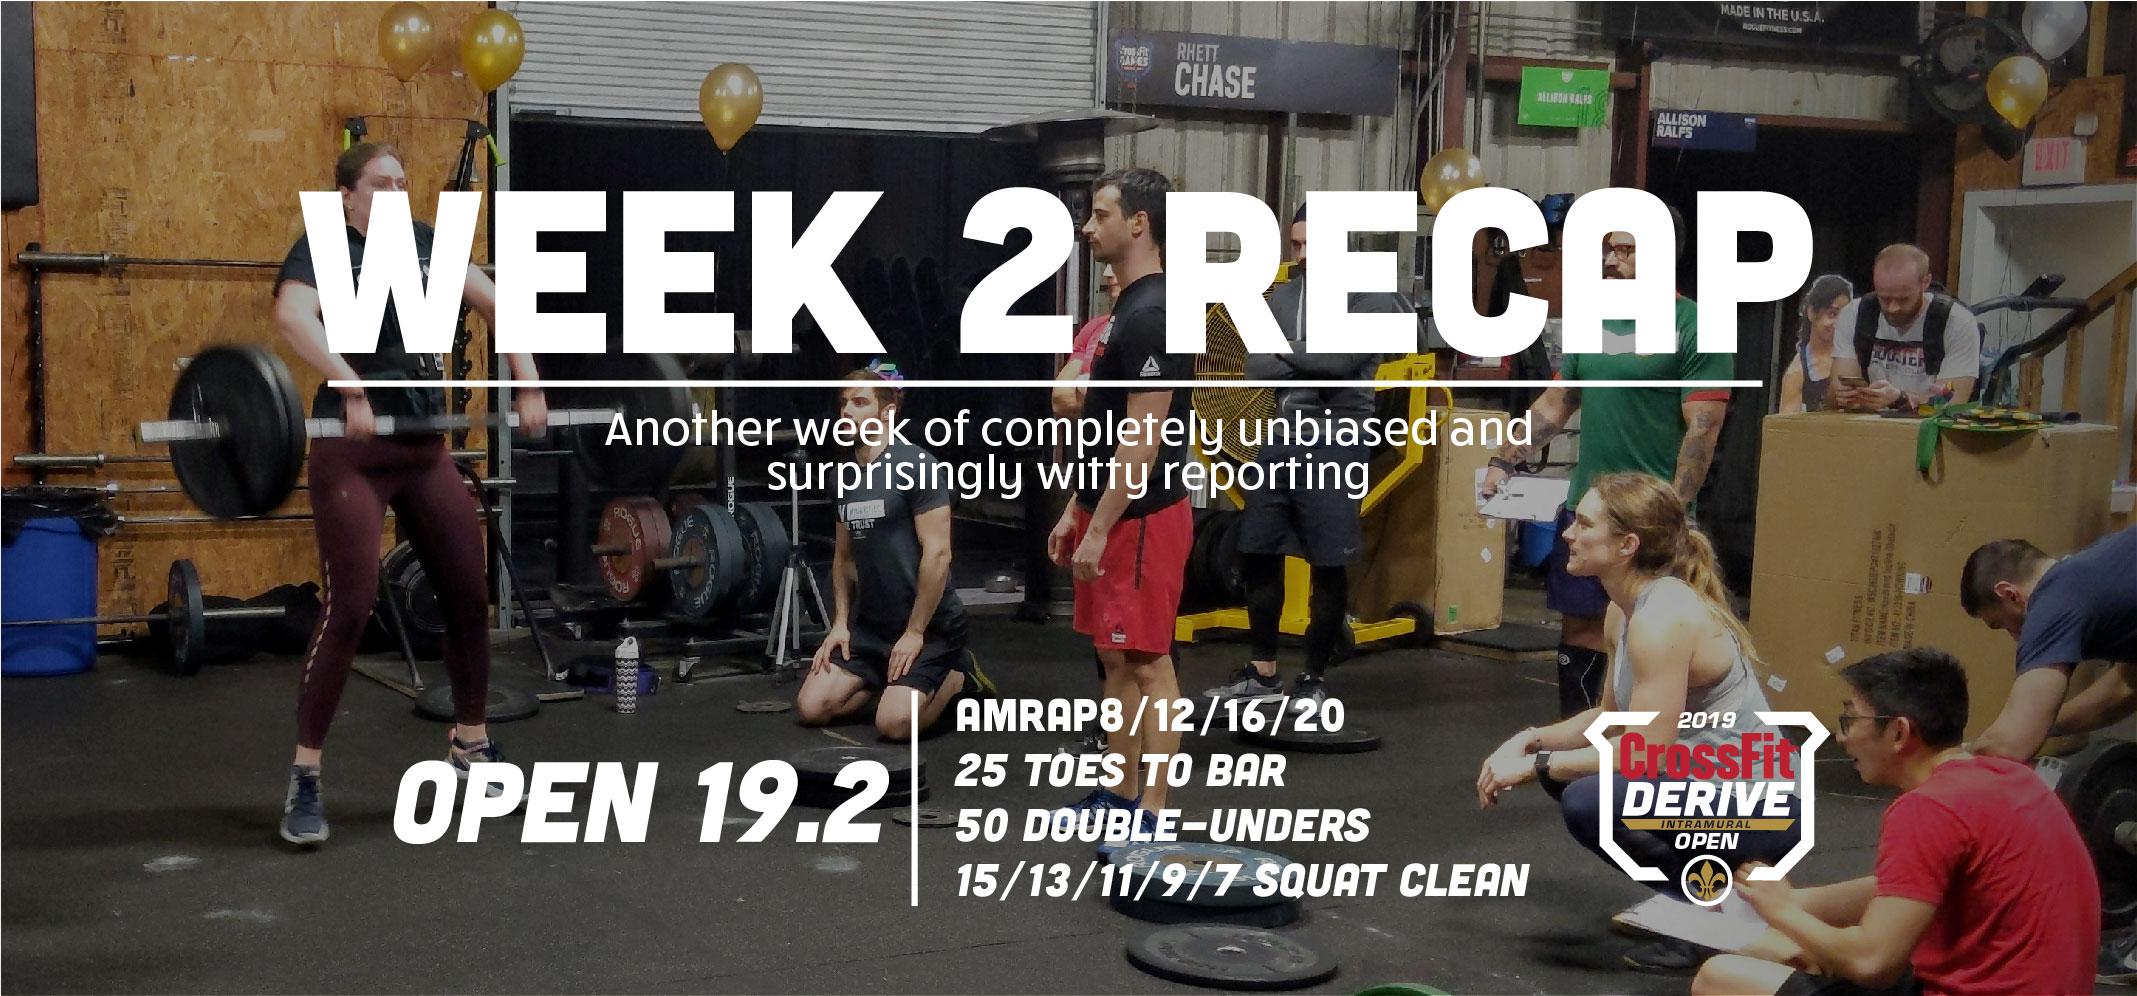 wk-2-recap-01-01.jpg